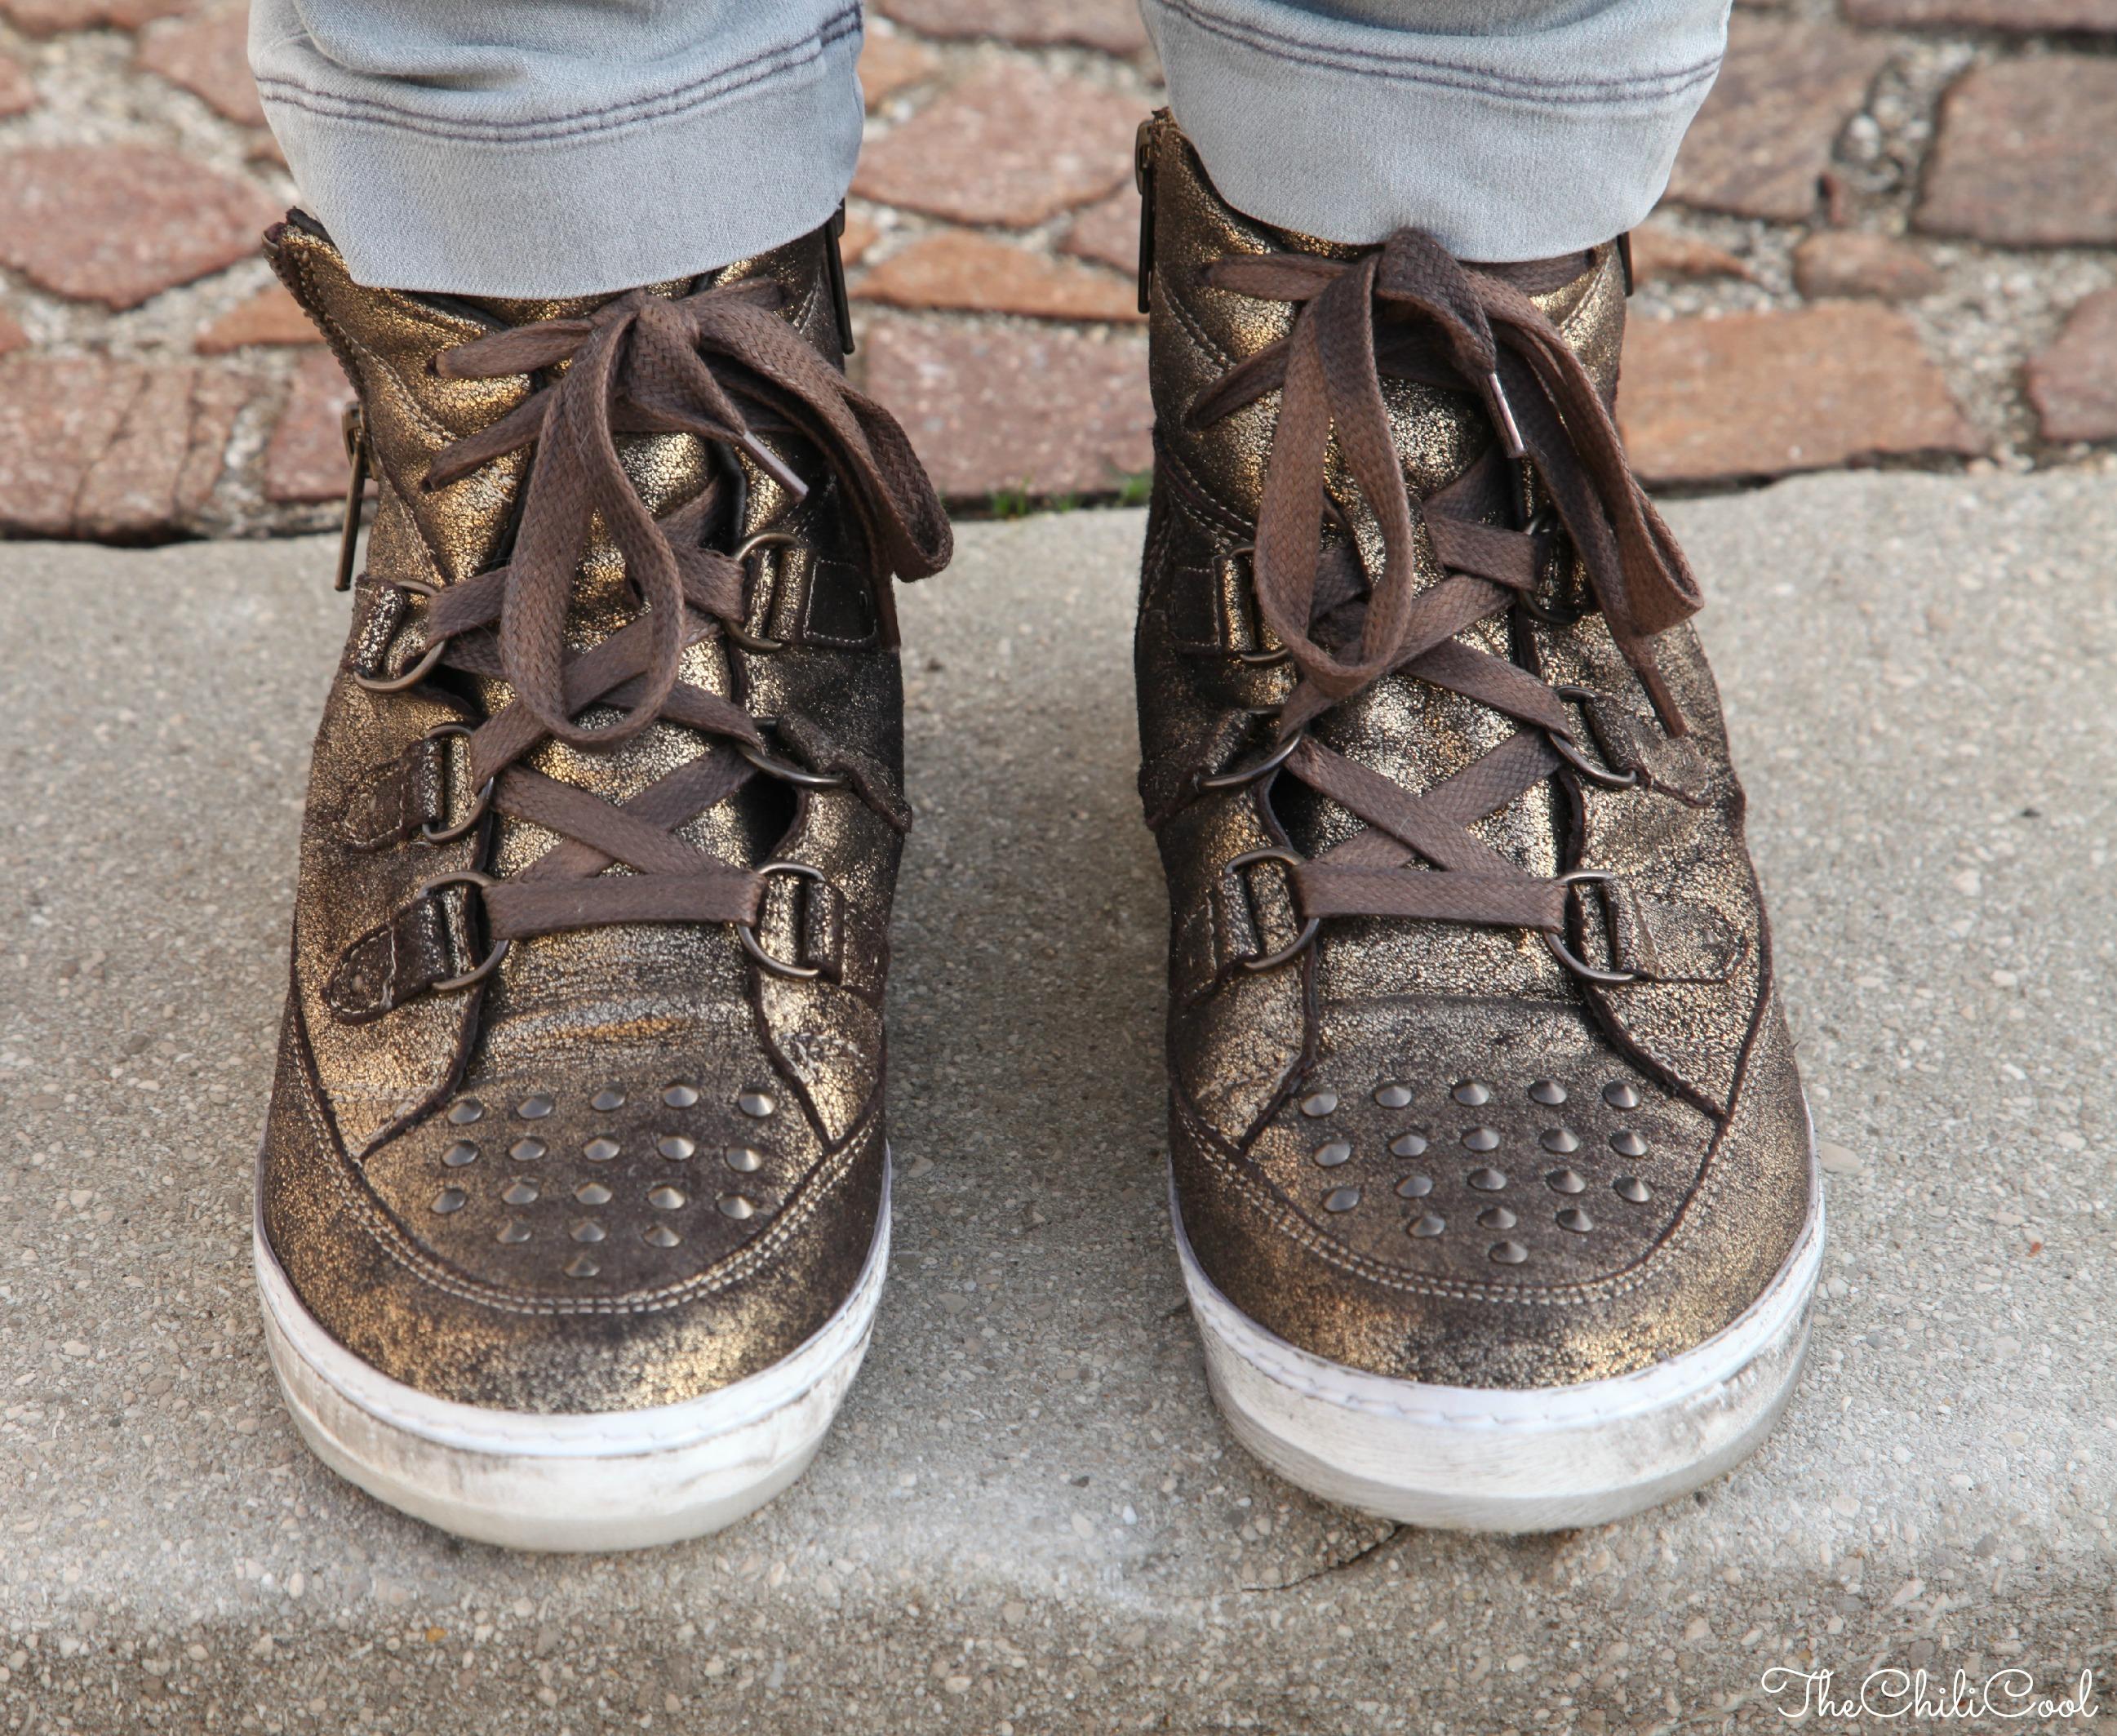 Martedì in versione casual con sneakers lamè e cappotto a quadri, alessia milanese, thechilicool, fashion blog, fashion blogger